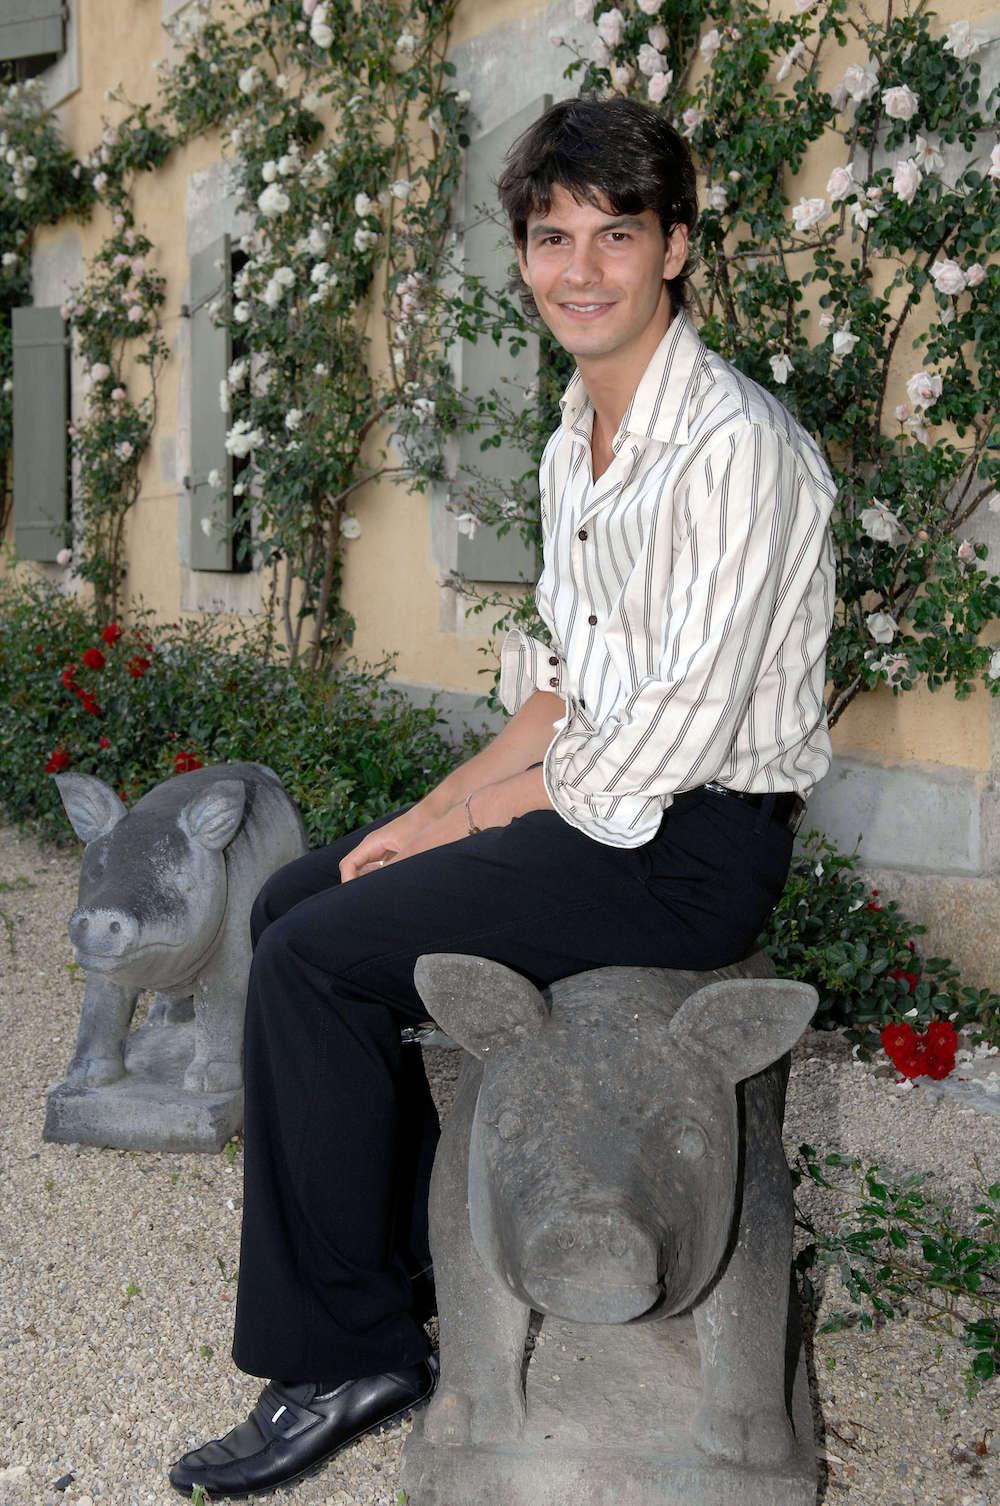 portes des iris yann lambiel - La mission de faire du Domaine du Château de Vullierens un lieu incontournable pour les amateurs de jardins et d'art ainsi que pour l'organisation d'événements